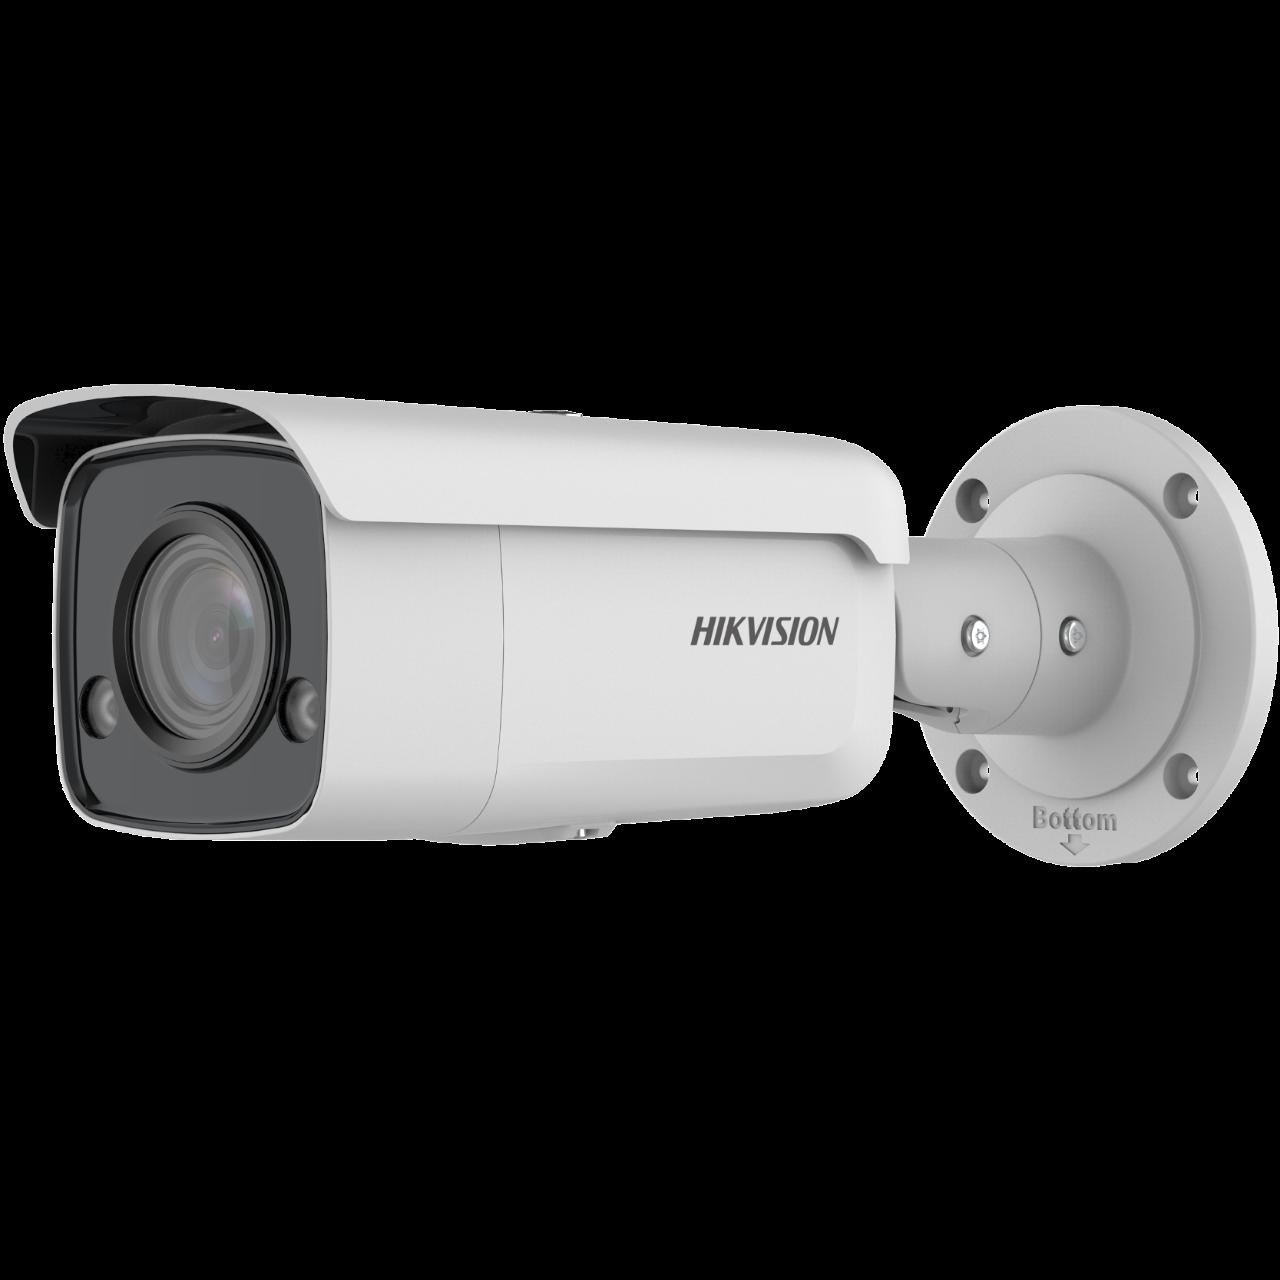 Easy IP4.0 - ColorVu <(>&<)> Acusense G2, Caméra Tube IP, Utilisation Extérieure, Résolution 8MP , Objectif 2.8mm HFOV 102°